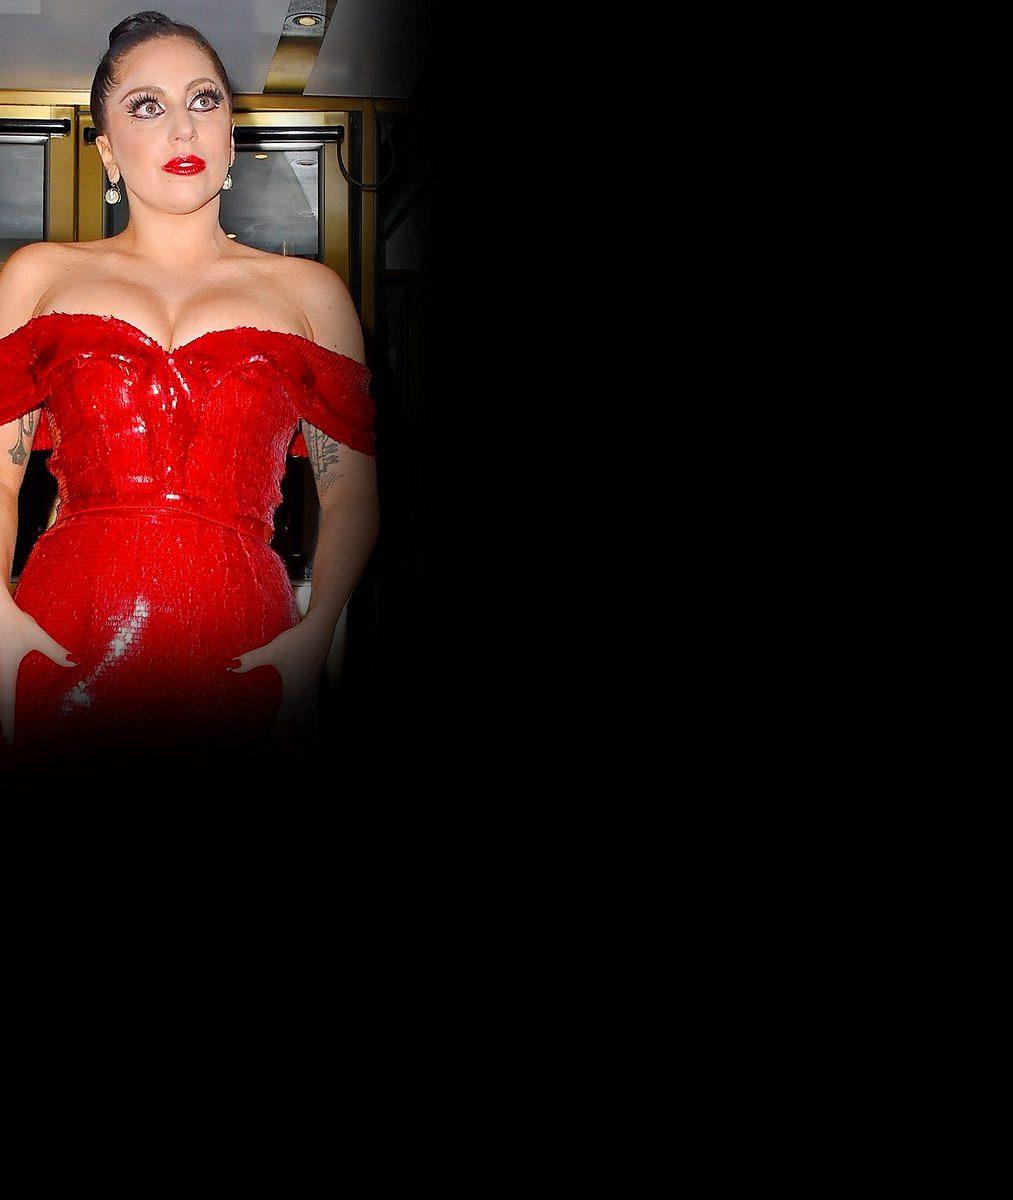 Lady Gaga nacpala dmoucí se vnady do těsných rudých šatů… Ale co to kulaté bříško?